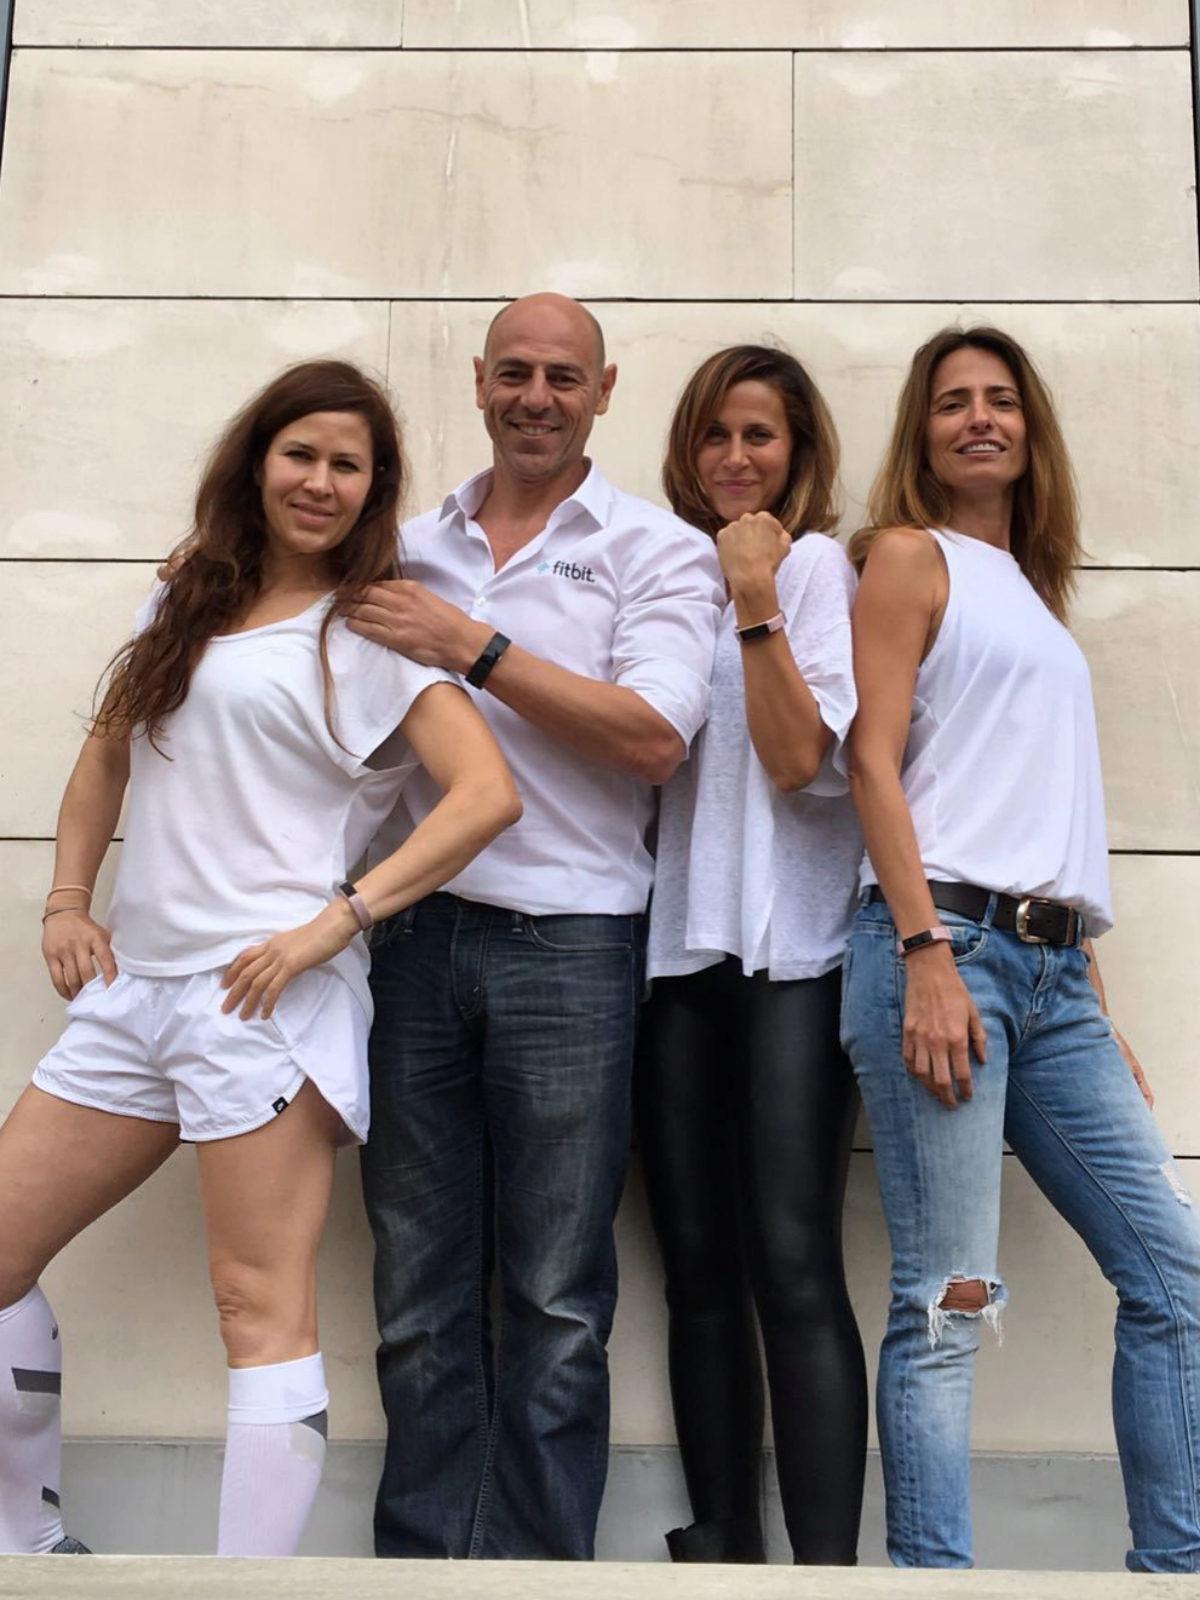 De izquierda a derecha, Caro Prato, Martín Giacchetta, María Giner y...